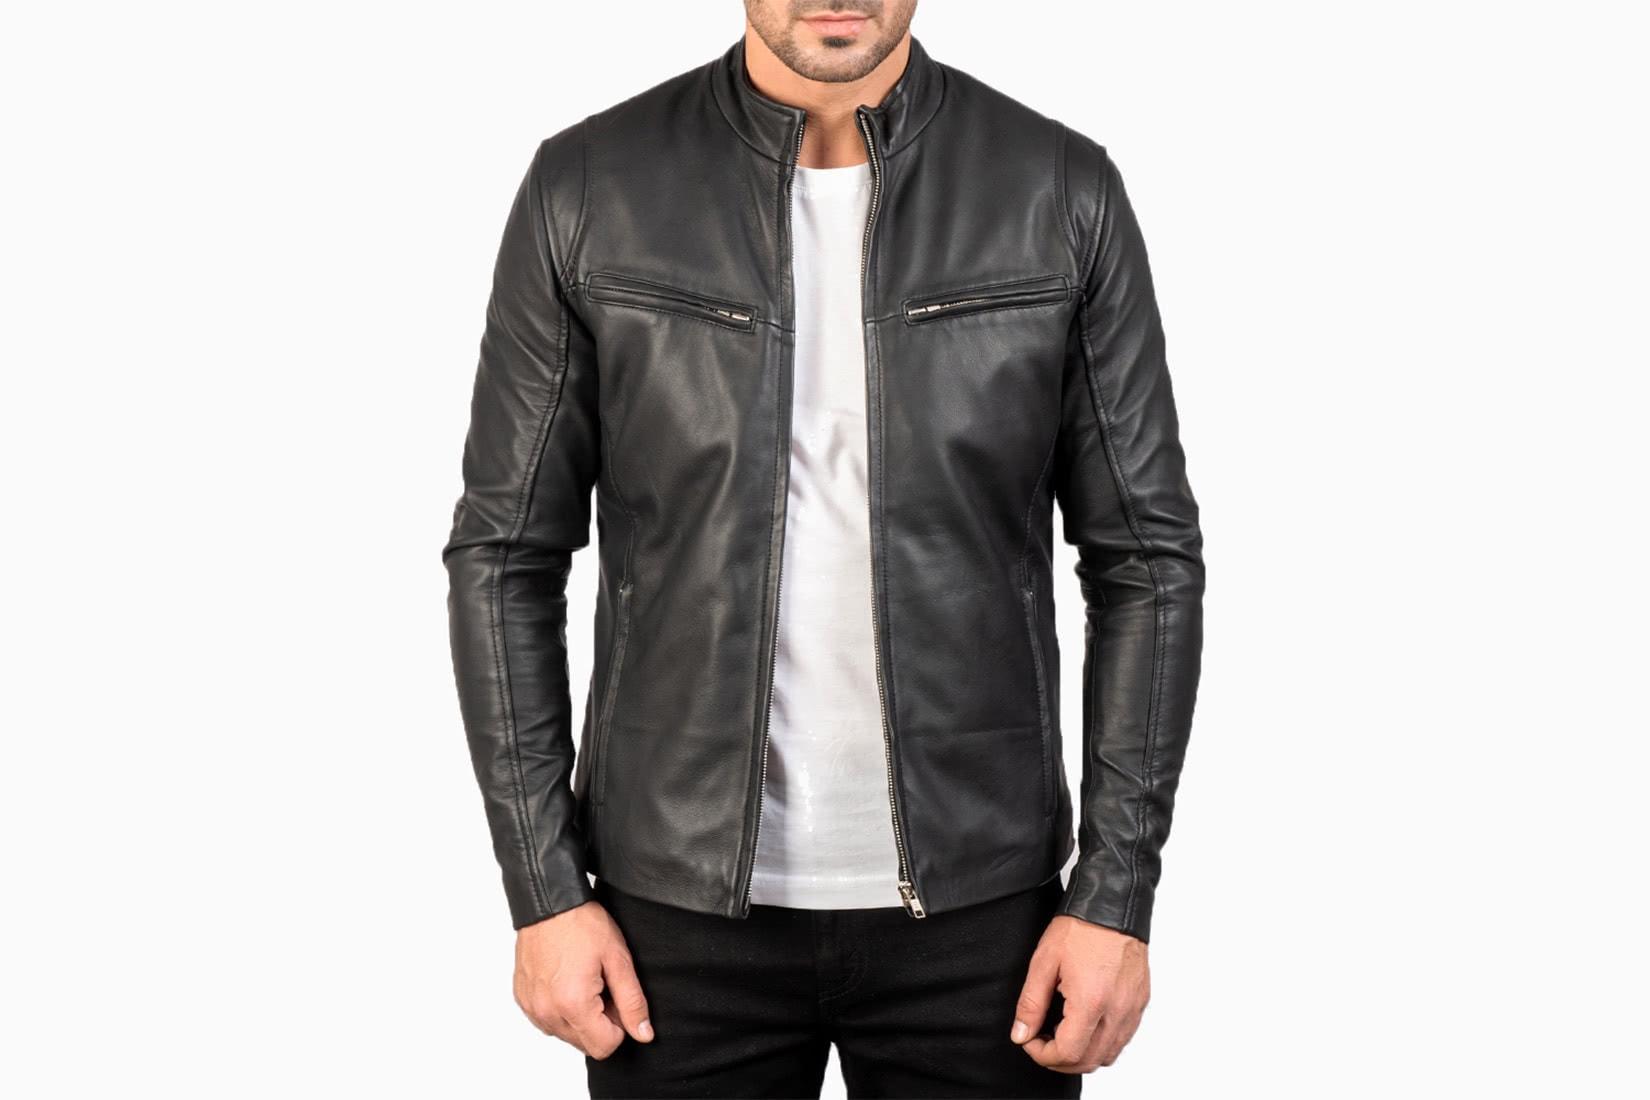 mejor revisión iónica del fabricante de chaquetas de cuero para hombres - Luxe Digital